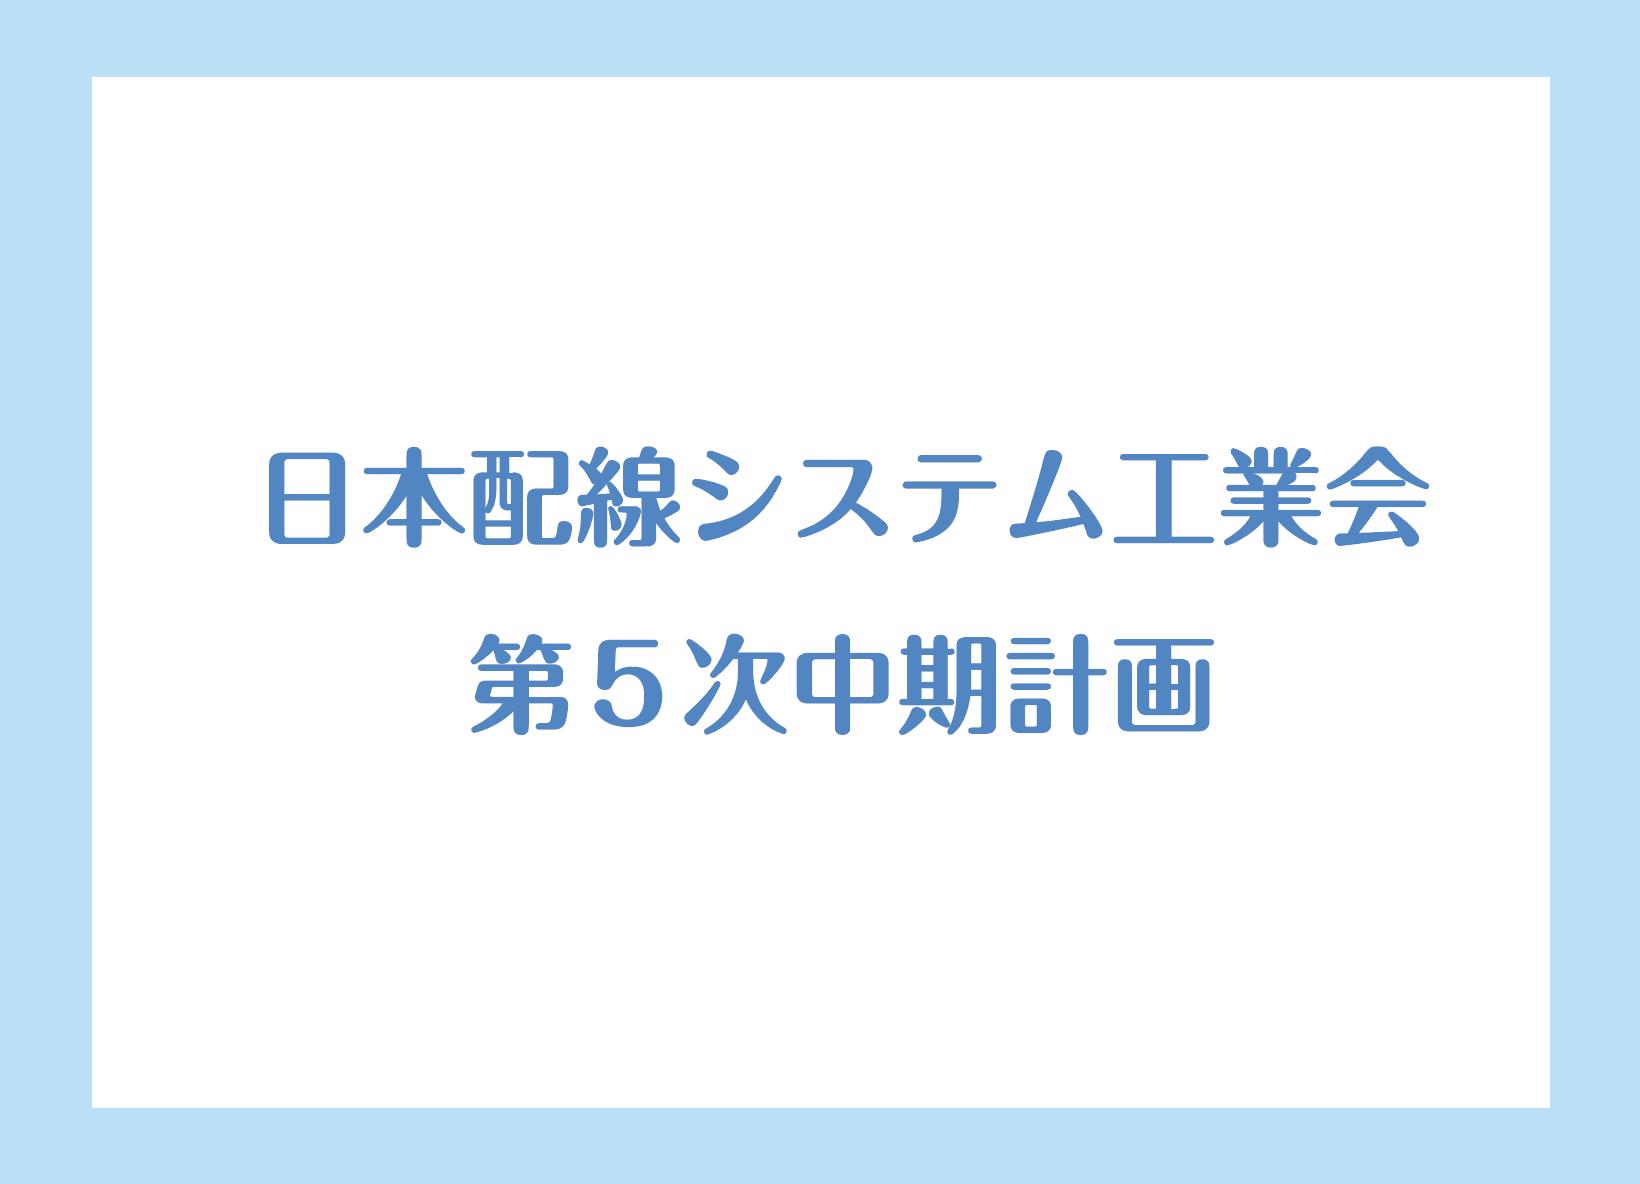 日本配線システム工業会 第5次中期計画  5大テーマを最重点 課題に掲げ活動展開の画像